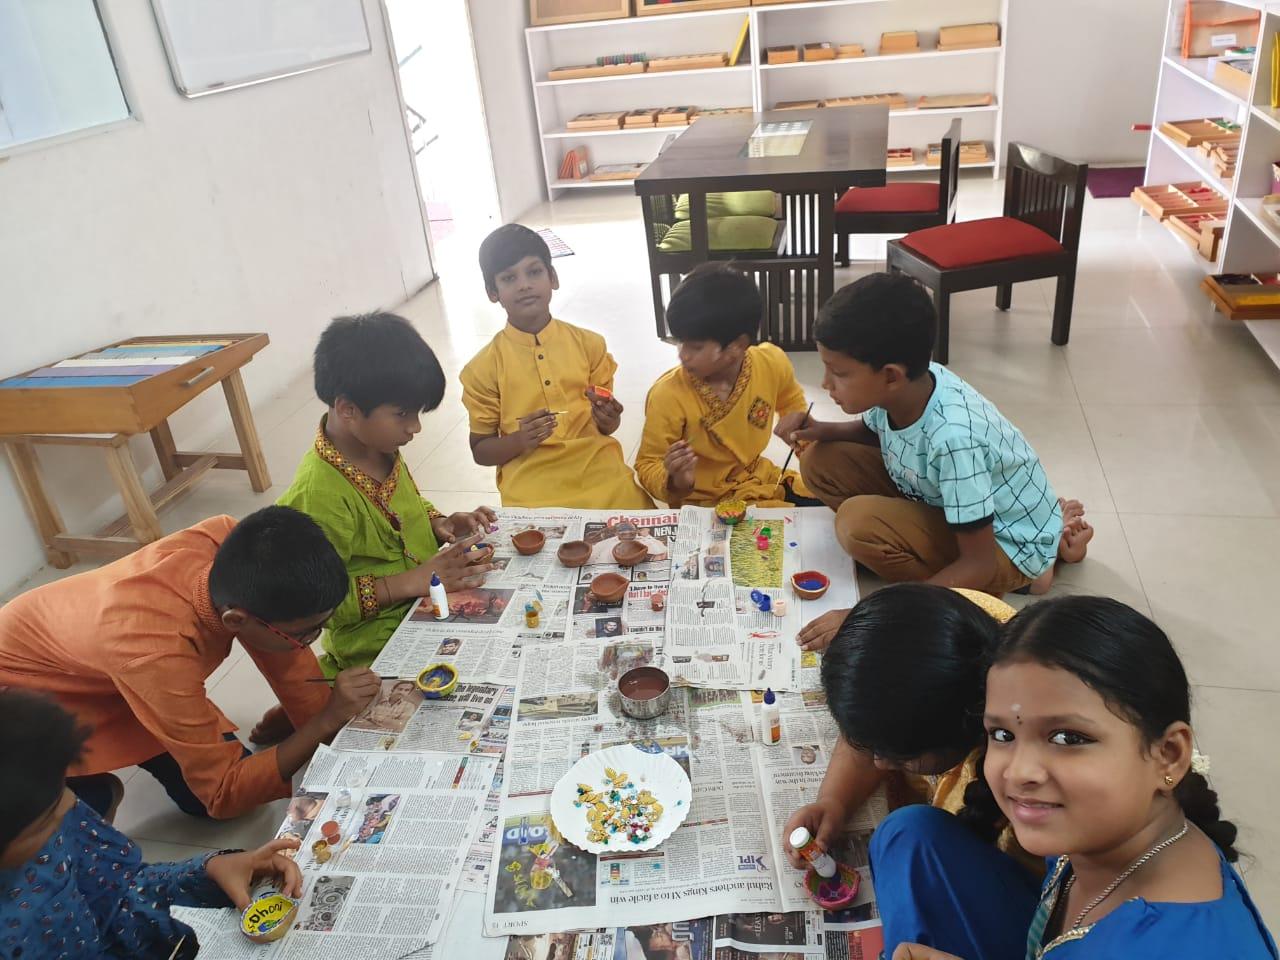 Diyas being painted